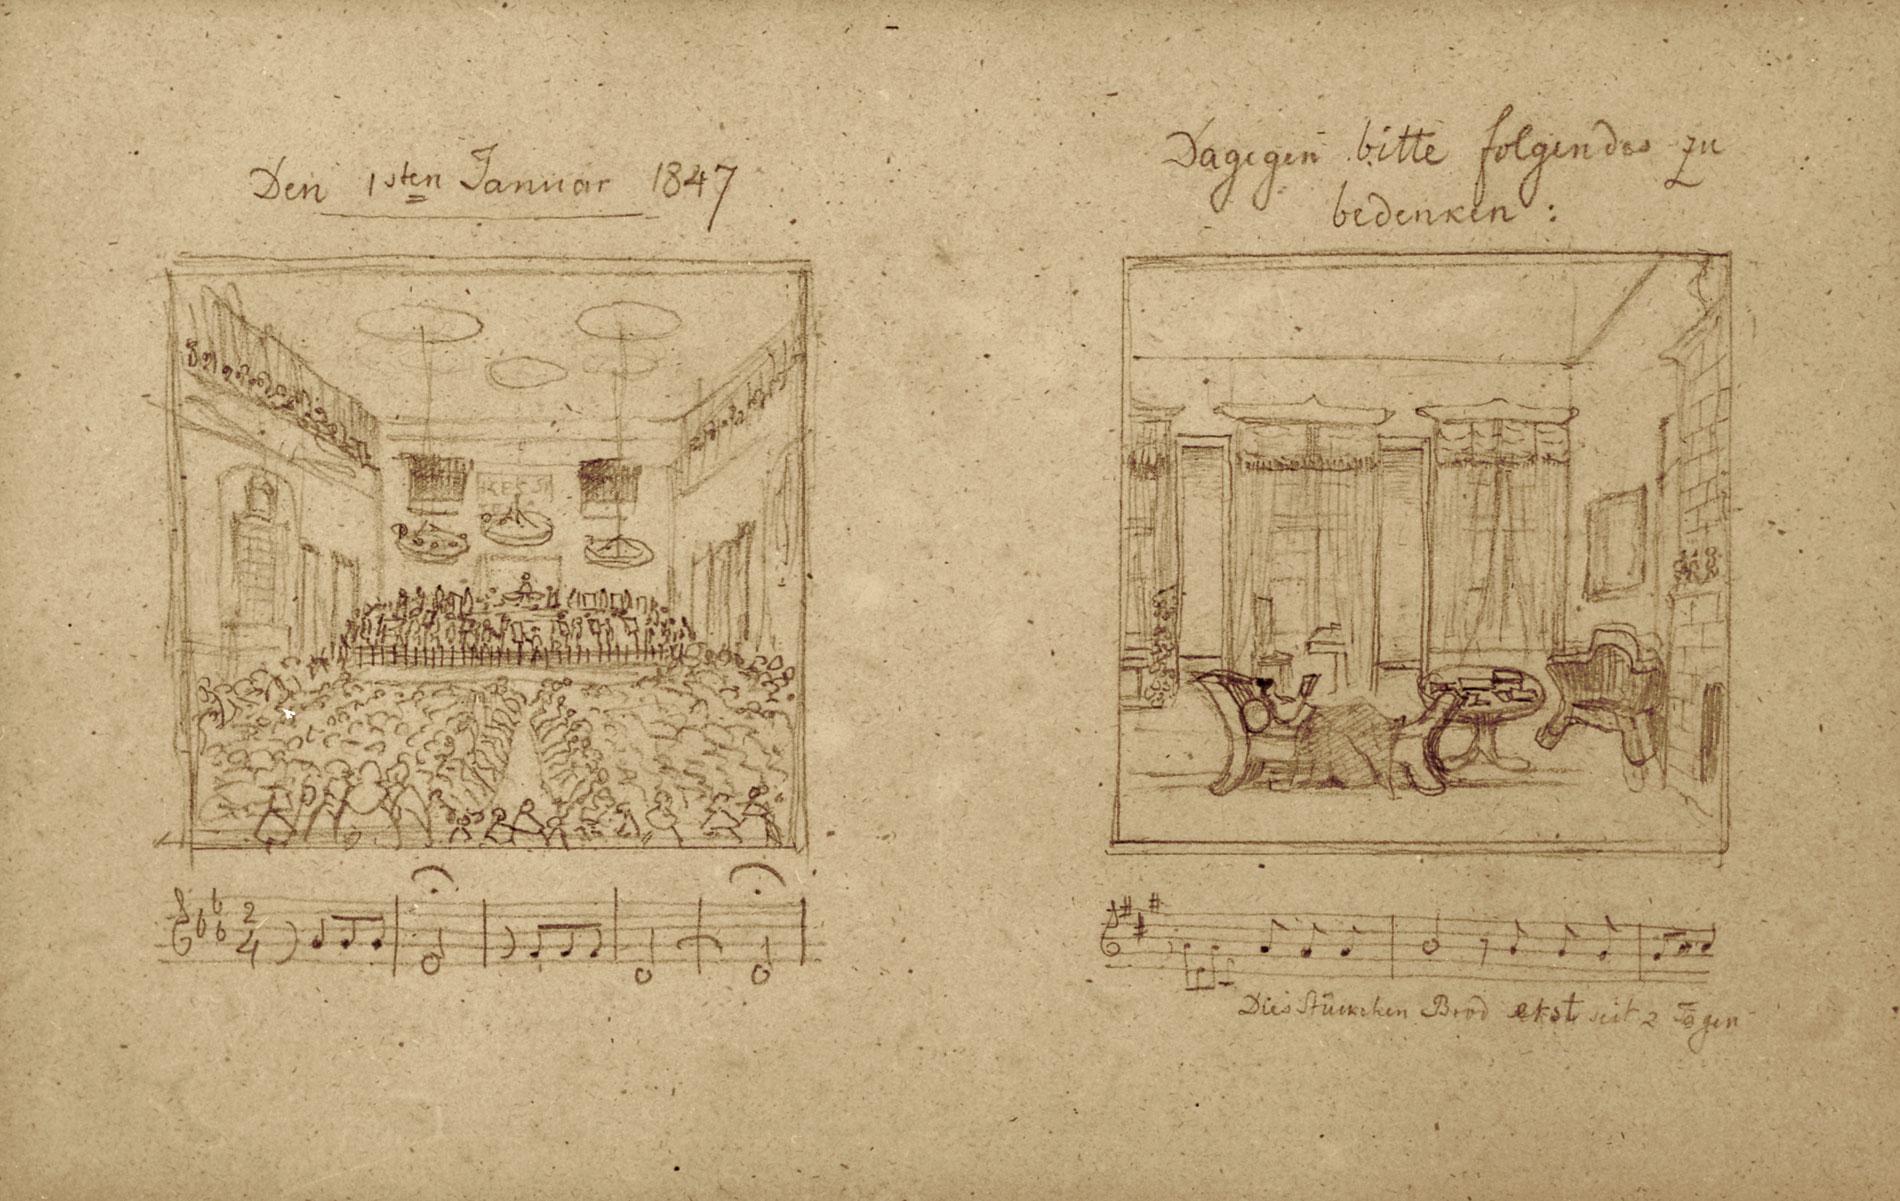 Beigelegte Zeichnung zur Absage des Neujahrskonzerts von Mendelssohn Bartholdy